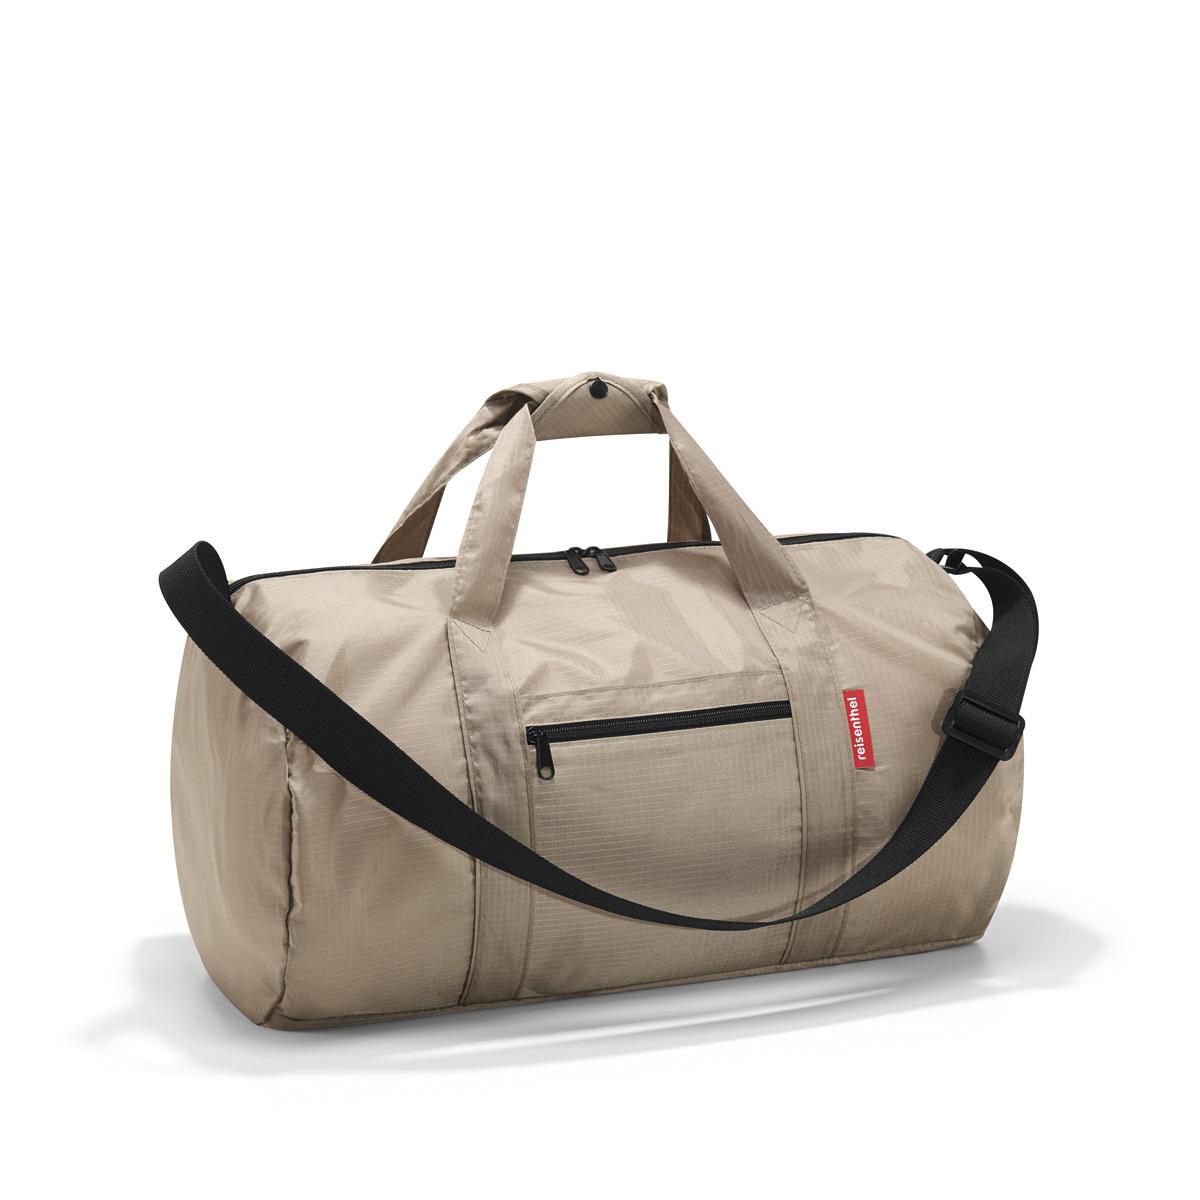 Сумка складная Reisenthel, цвет: бежевый. AM7031AM7031Универсальная сумка-трансформер серии Mini Maxi, предназначенная для путешествий и спорта. - для хранения компактно складывается в собственный внутренний карман; - вместительное основное отделение на молнии; - экономит место при хранении и перевозке в сложенном состоянии; - регулируемый наплечный ремень; - ручки для переноски, регулируемые при помощи специальных застежек; - два внешних кармана на молнии; - материал: высококачественный водостойкий полиэстер; - объем – 20 литров.